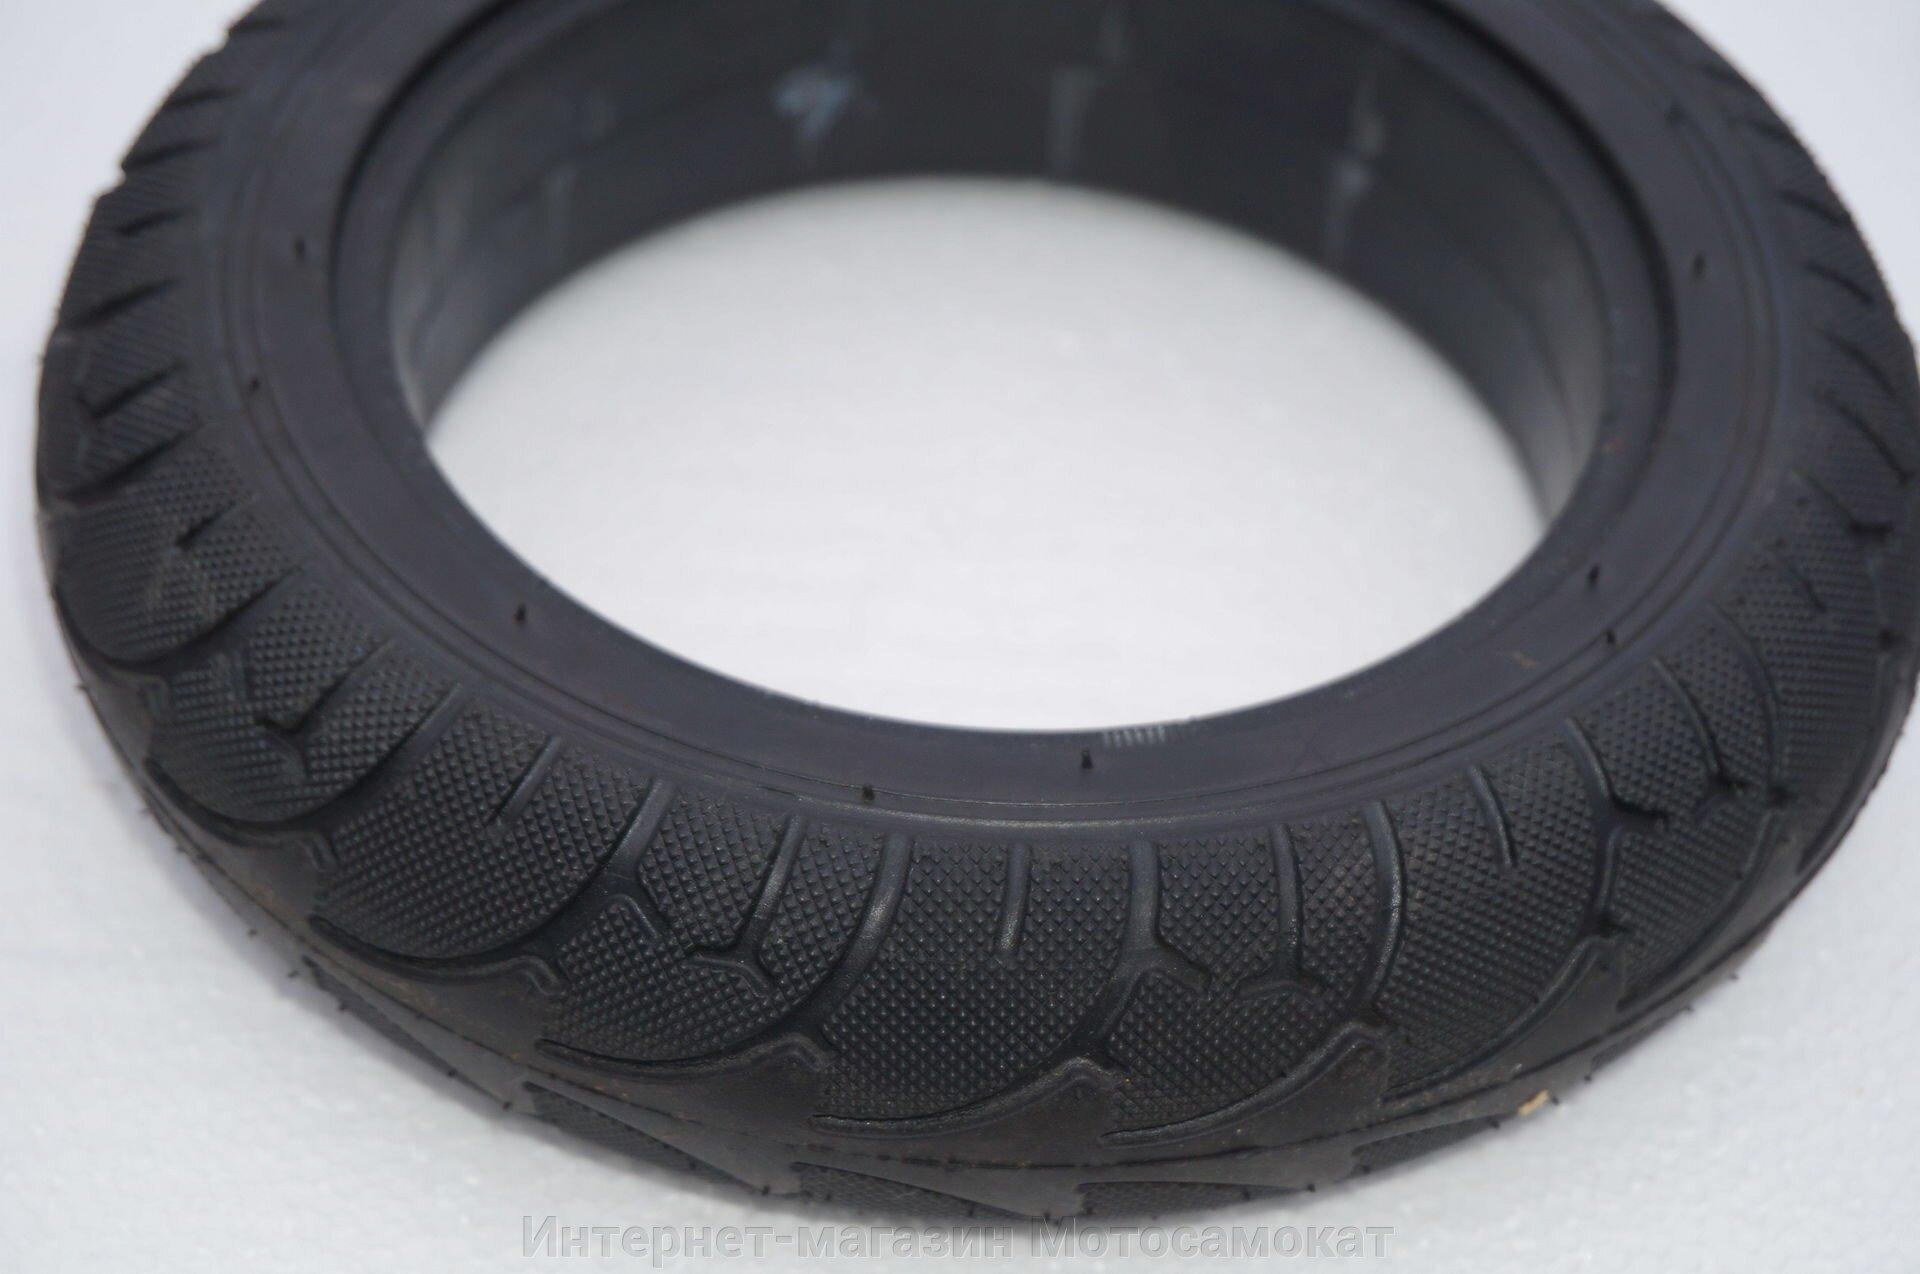 Покрышки и шины для гироскутера